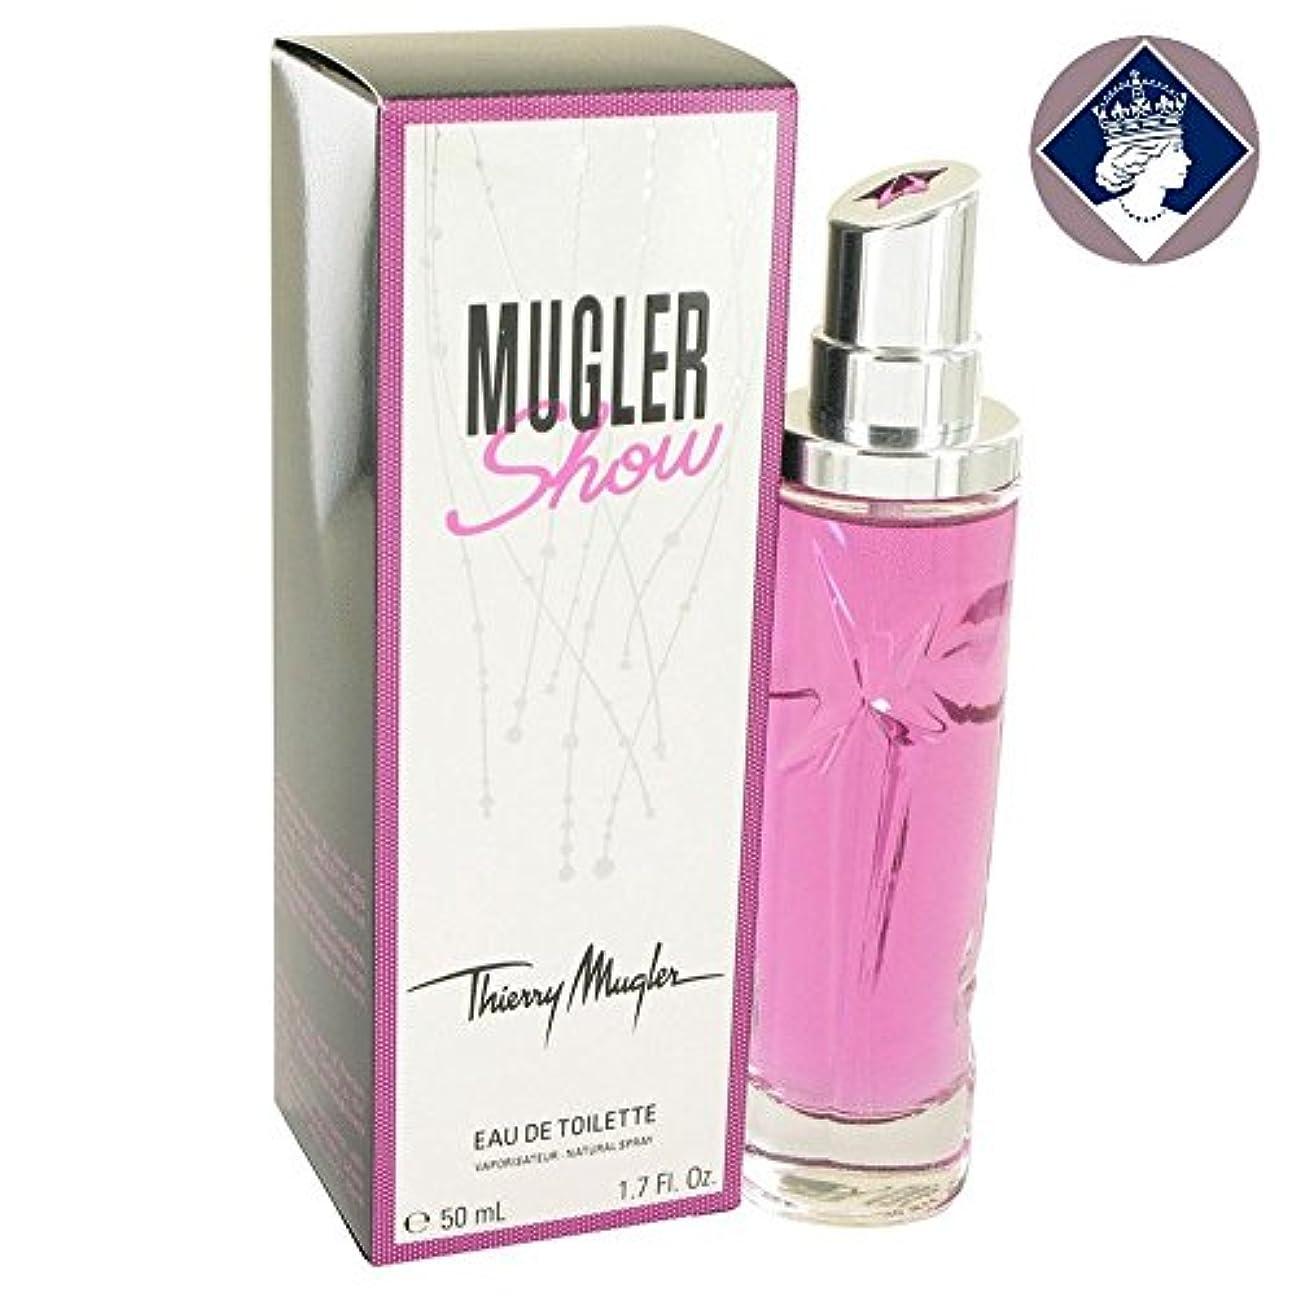 スーツケース五月パンフレットThierry Mugler Show 50ml/1.7oz Eau De Toilette Spray Perfume Fragrance for Women